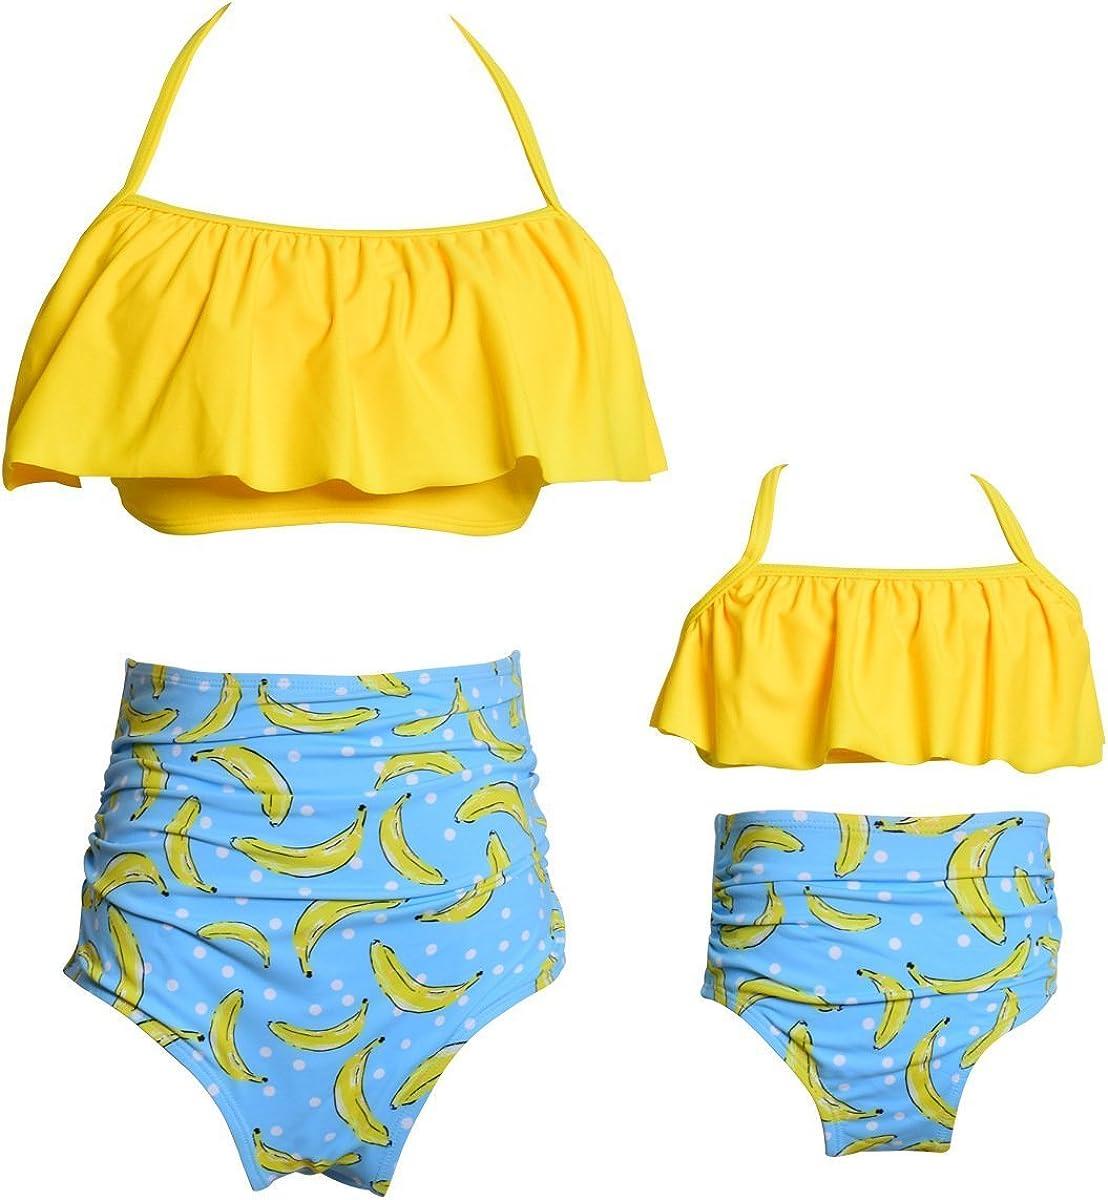 Girls Kids Swimsuit Two Pieces Bikini Set Ruffle Falbala Swimwear Bathing Suits